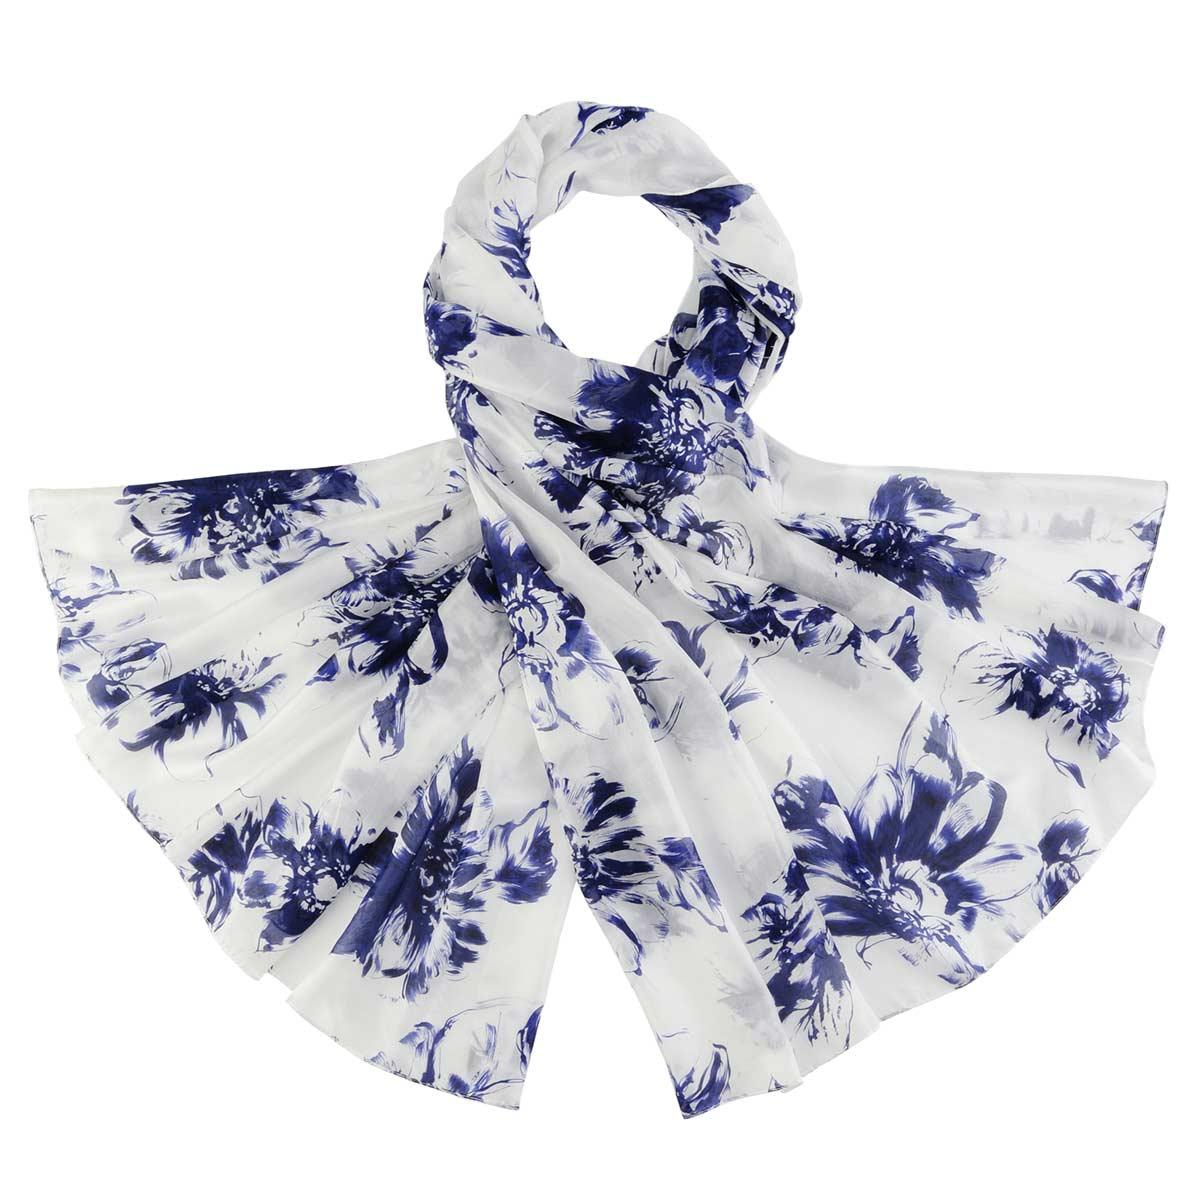 _Etole-en-soie-fusain-floral-marine